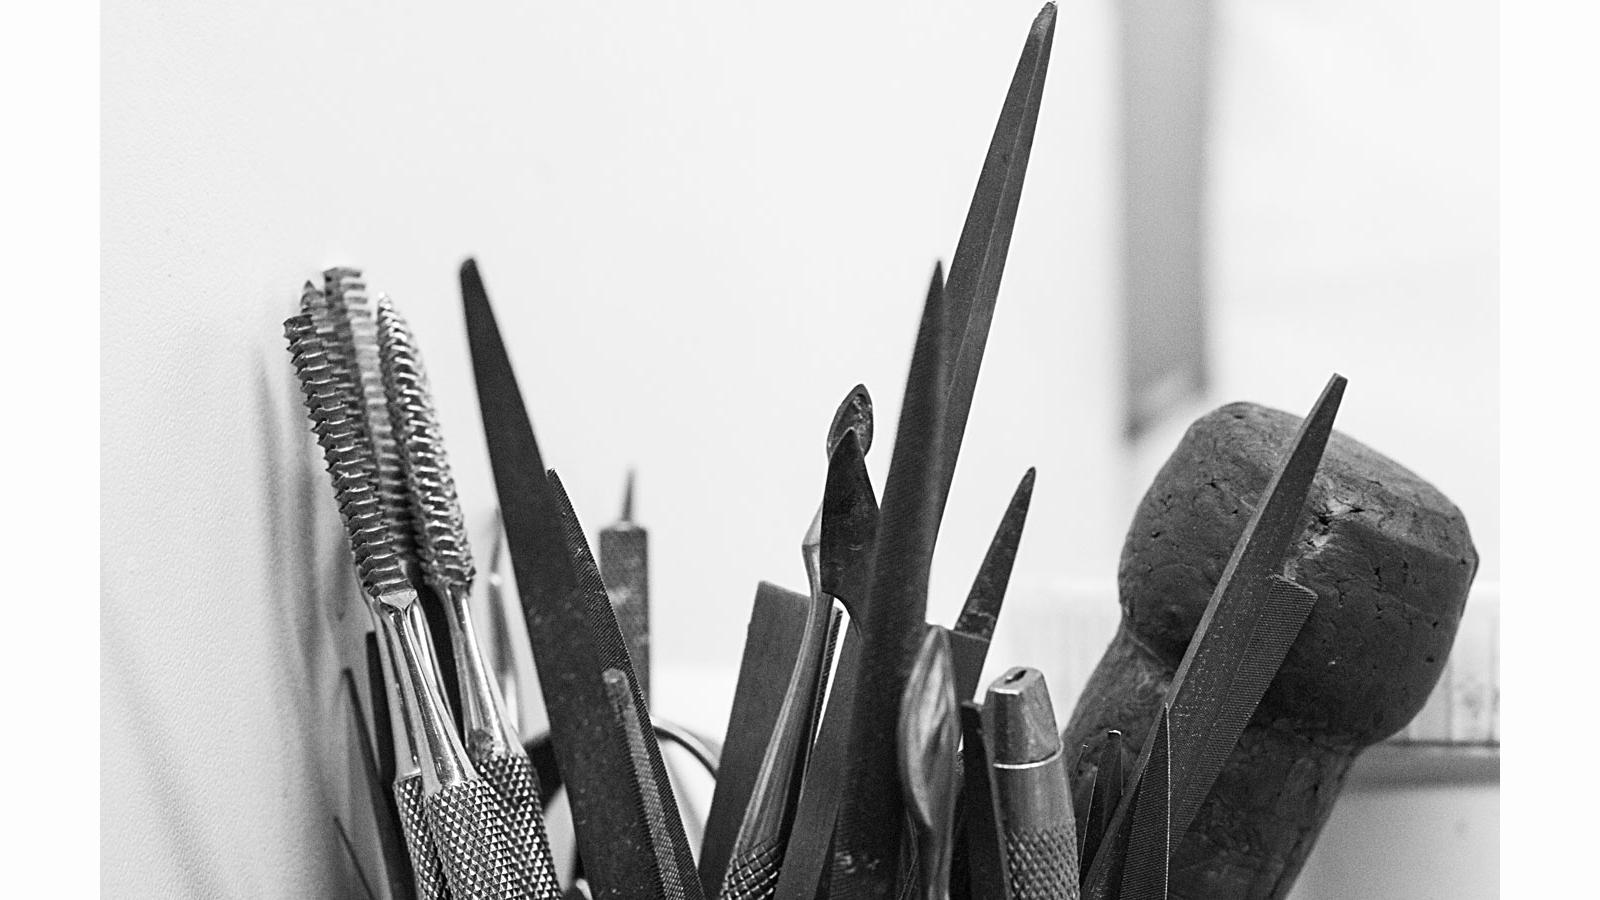 jewellery-workshop-tools.jpg